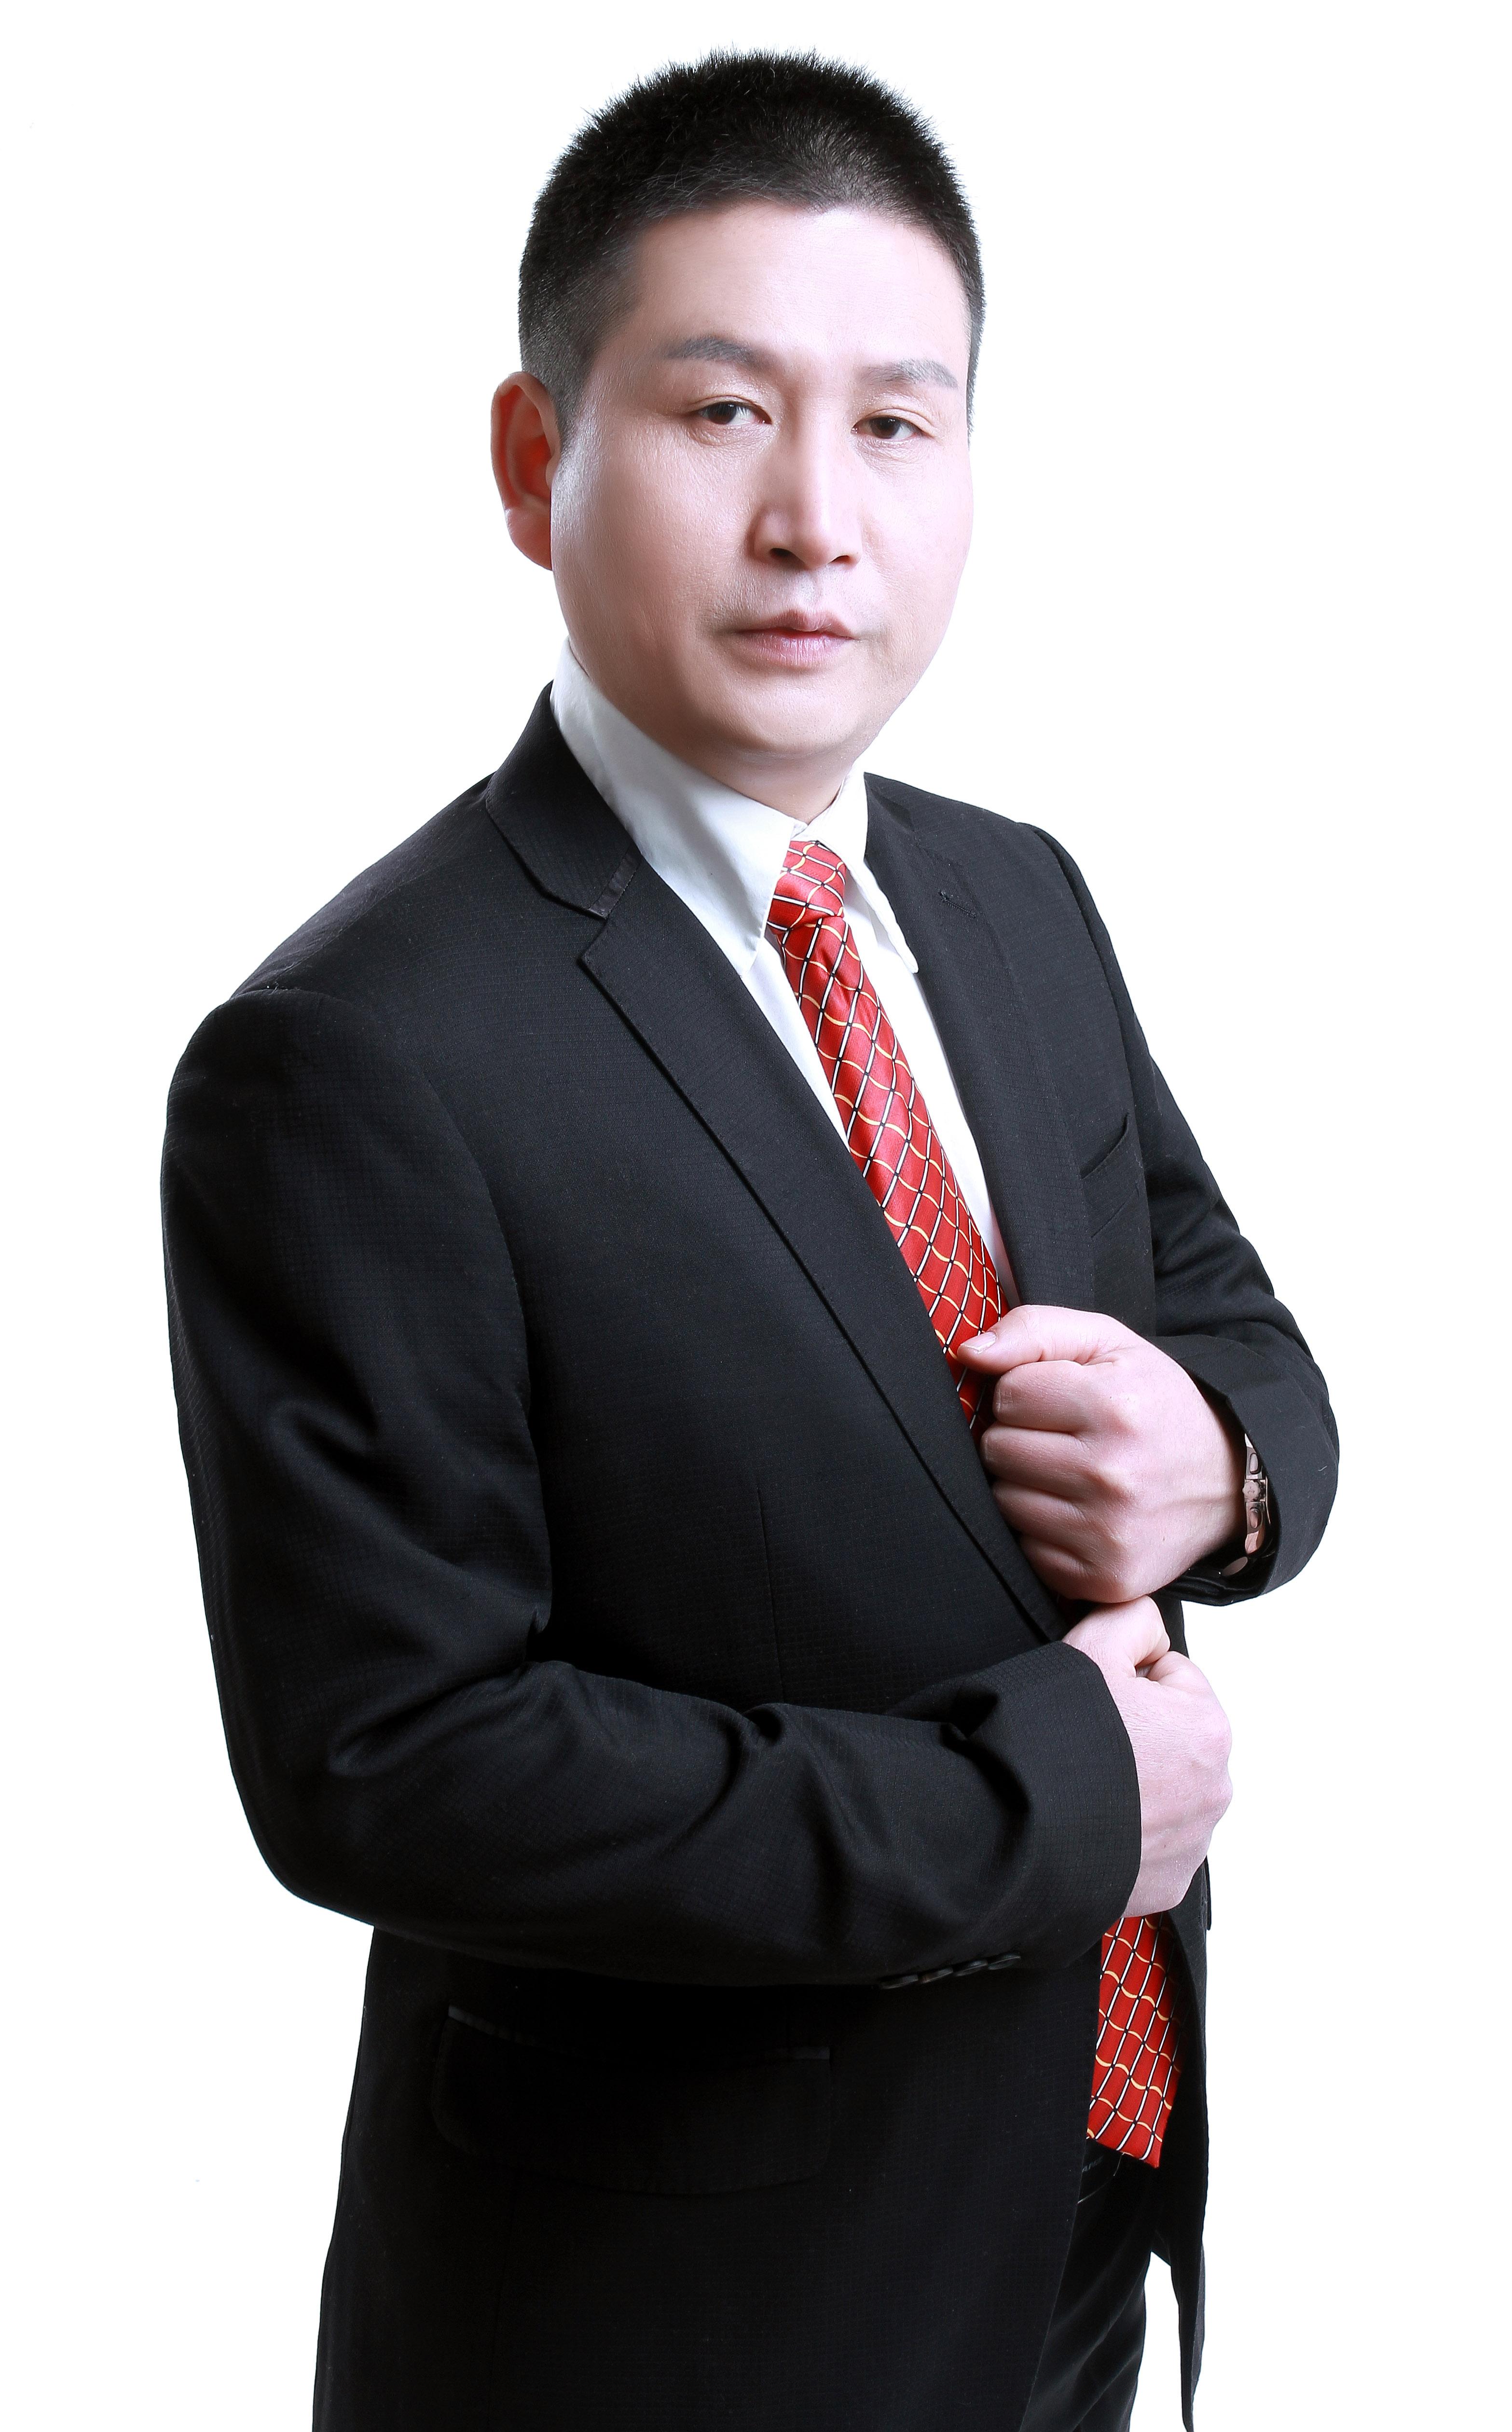 郑州刑事辩护律师|郑州最有名刑事律师|郑州刑事律师|郑州专业刑事辩护律师-金牌法律服务网